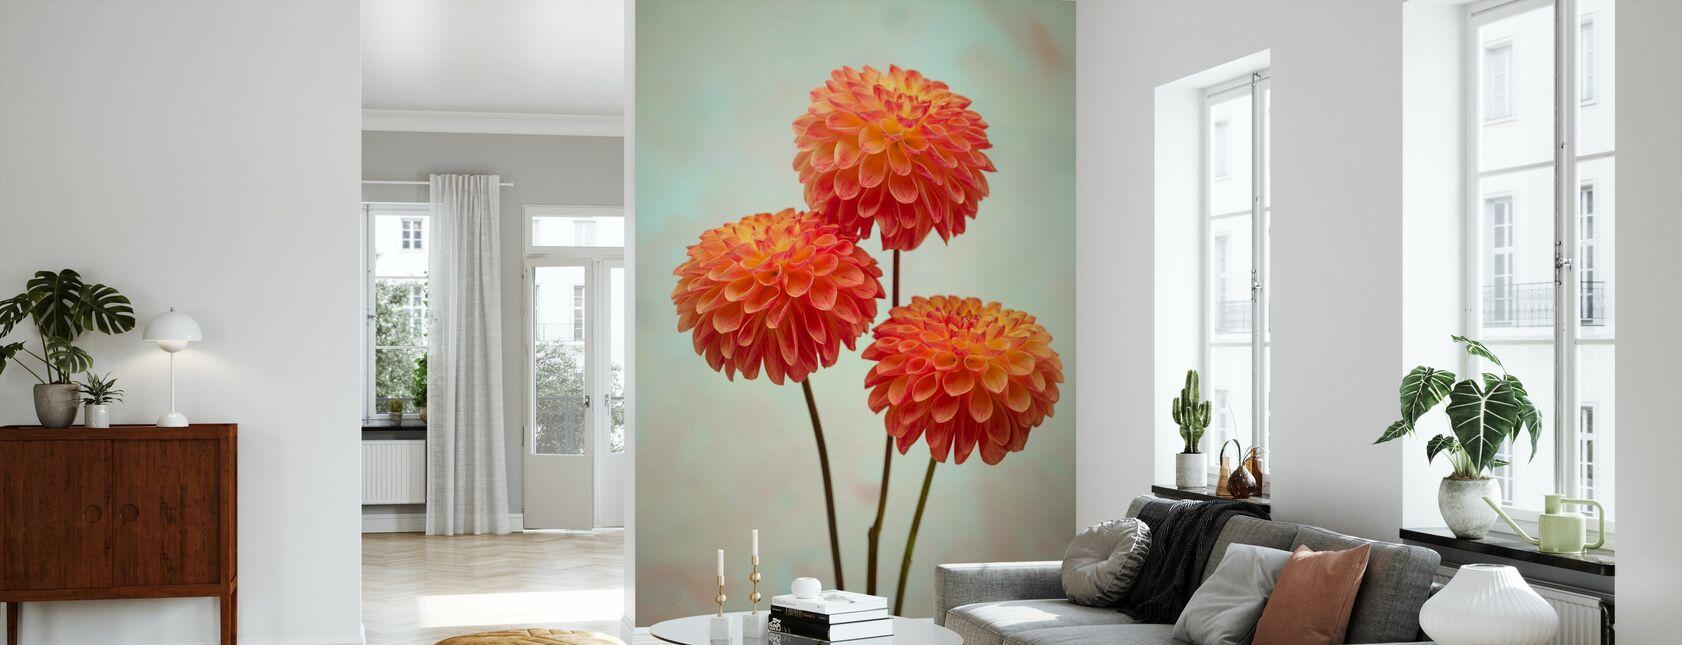 Red - Dahlias - Wallpaper - Living Room